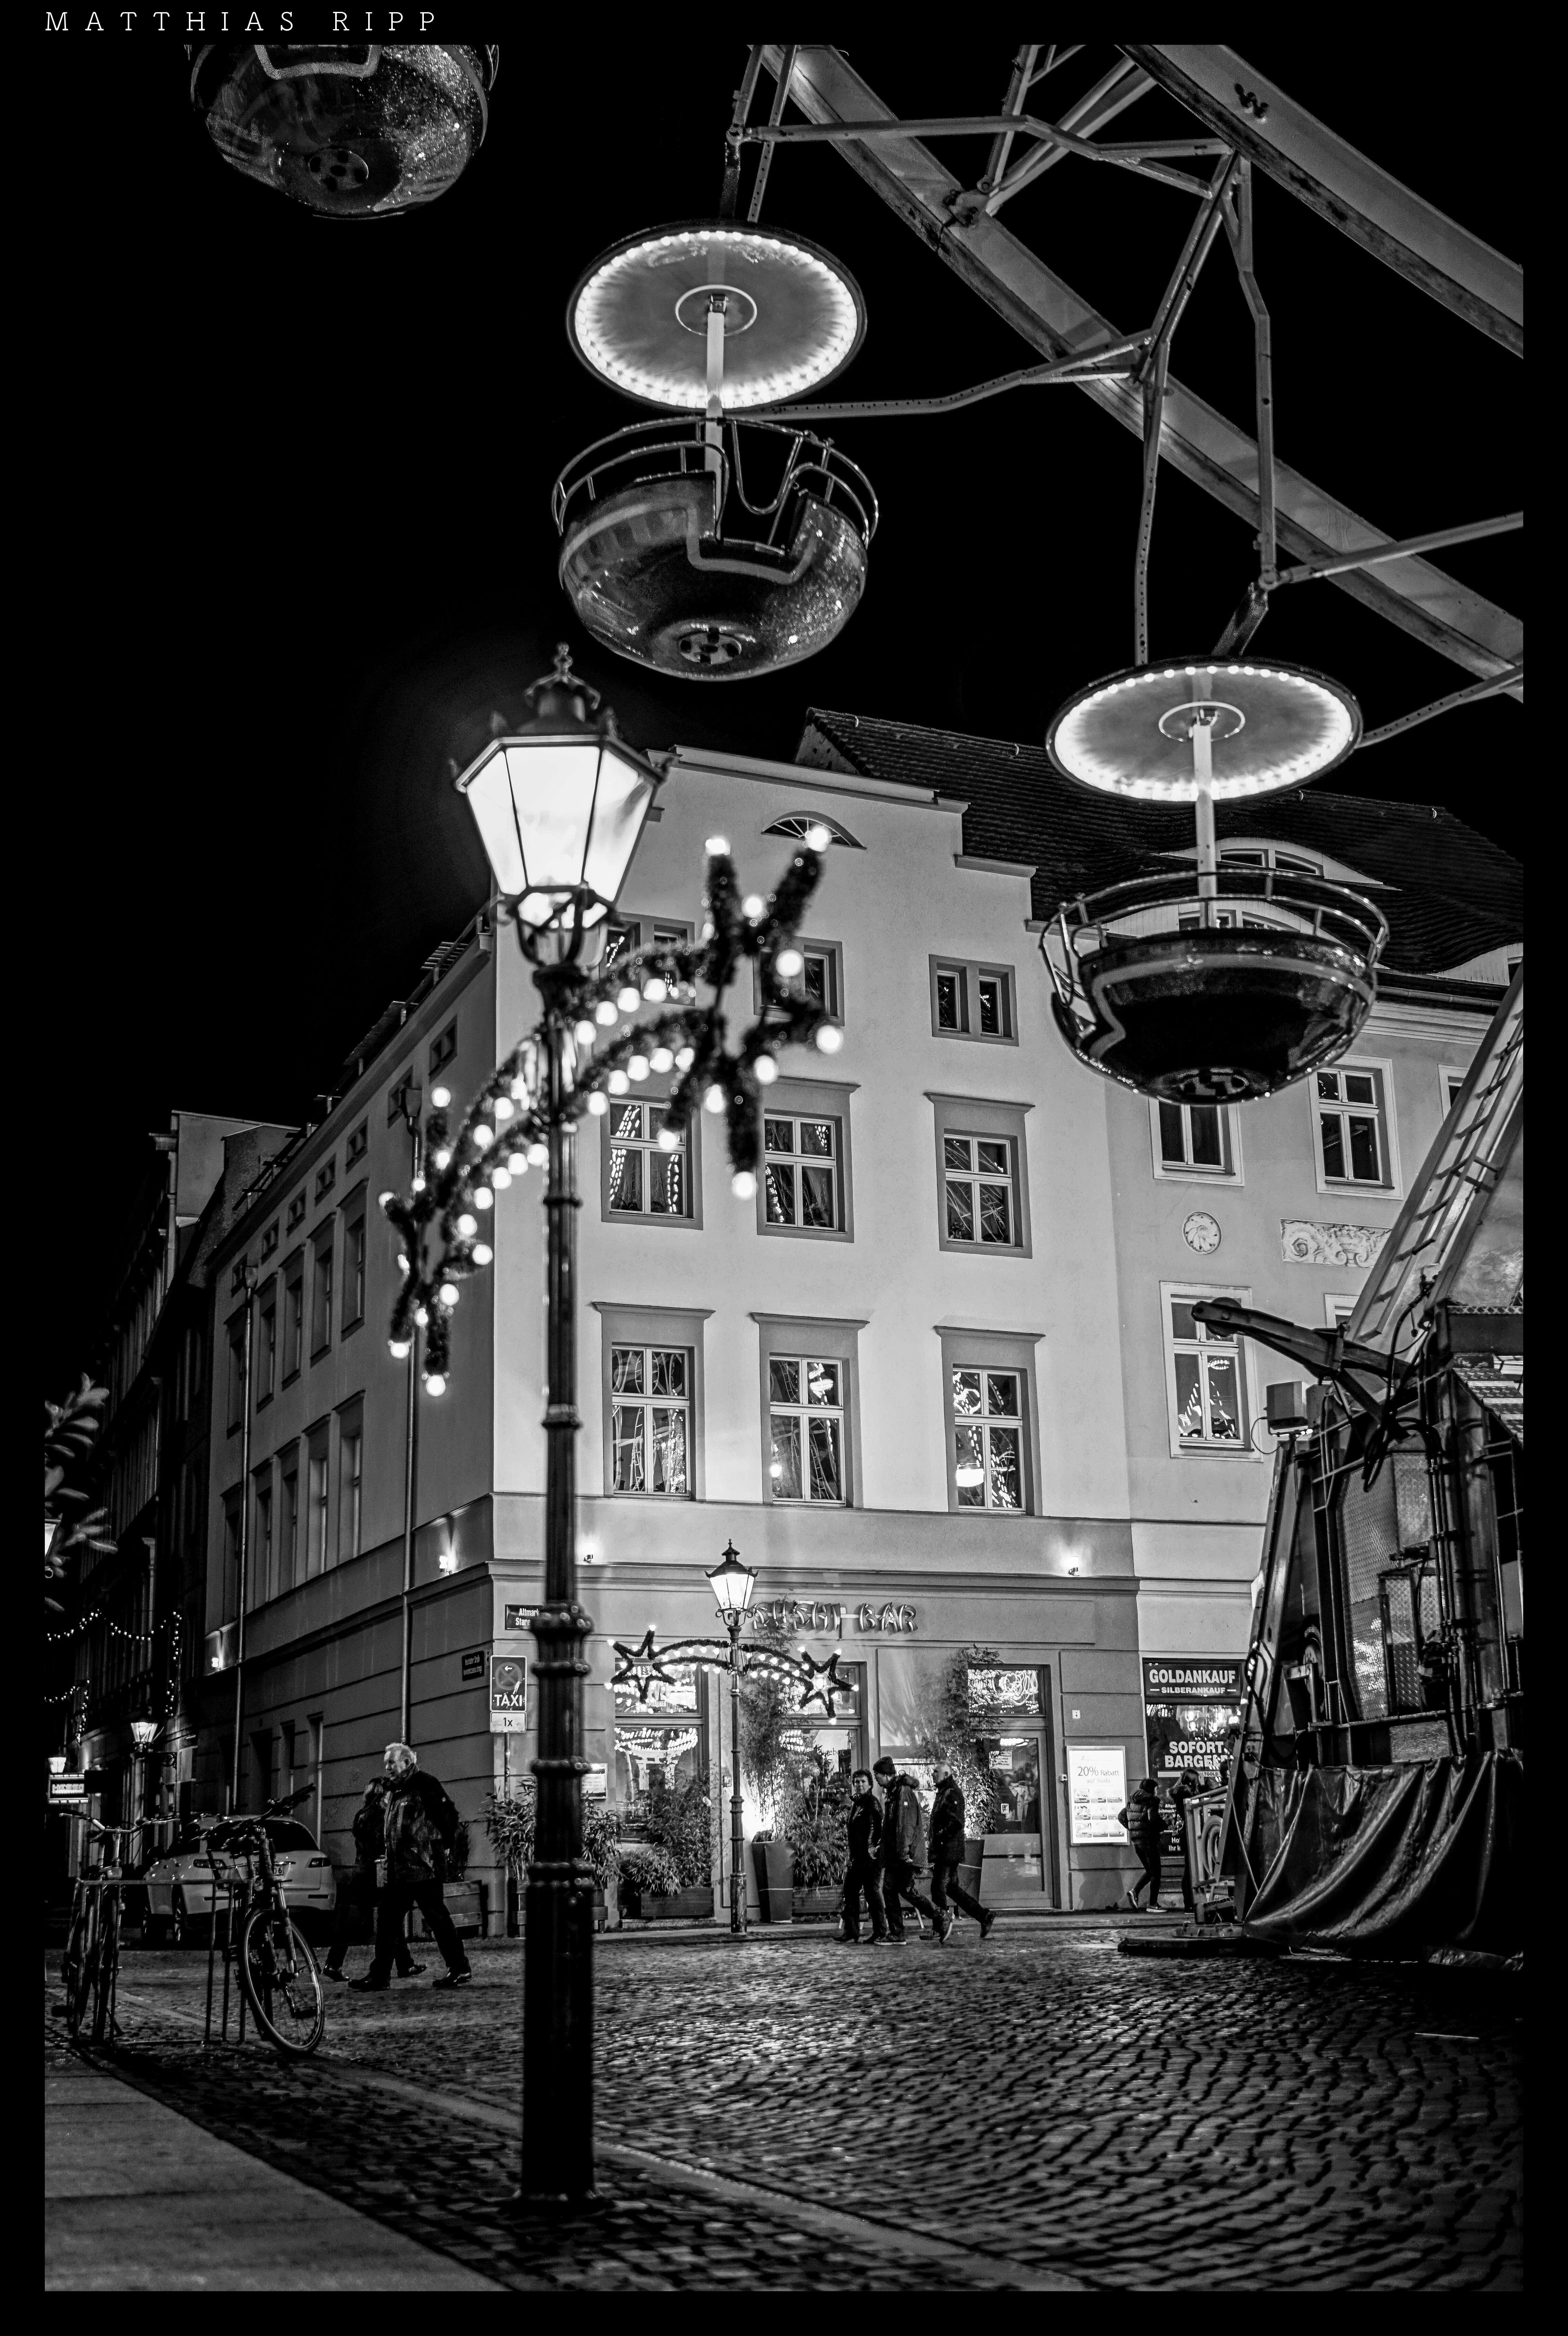 無料画像 : 風景, 光, 黒と白, 夜, ホイール, 遊びます, シティ, 都市景観, ヨーロッパ, 闇, 街路灯, 歴史的な, 点灯, ファブリック, アート, 楽しい, バック, 35mm, 対称, 照明器具, ユーロパ, ドイツ, マルチ, 大きい, クンスト, シュワルツヴァイス, ソニー, ツァイス, 遠く離れた, アルファ, 形状, 介入, スパ, コットブス, モノクローム, 大都市, 7rii, 多言語, モノクロ写真, フィルム・ノワール 4898x7296